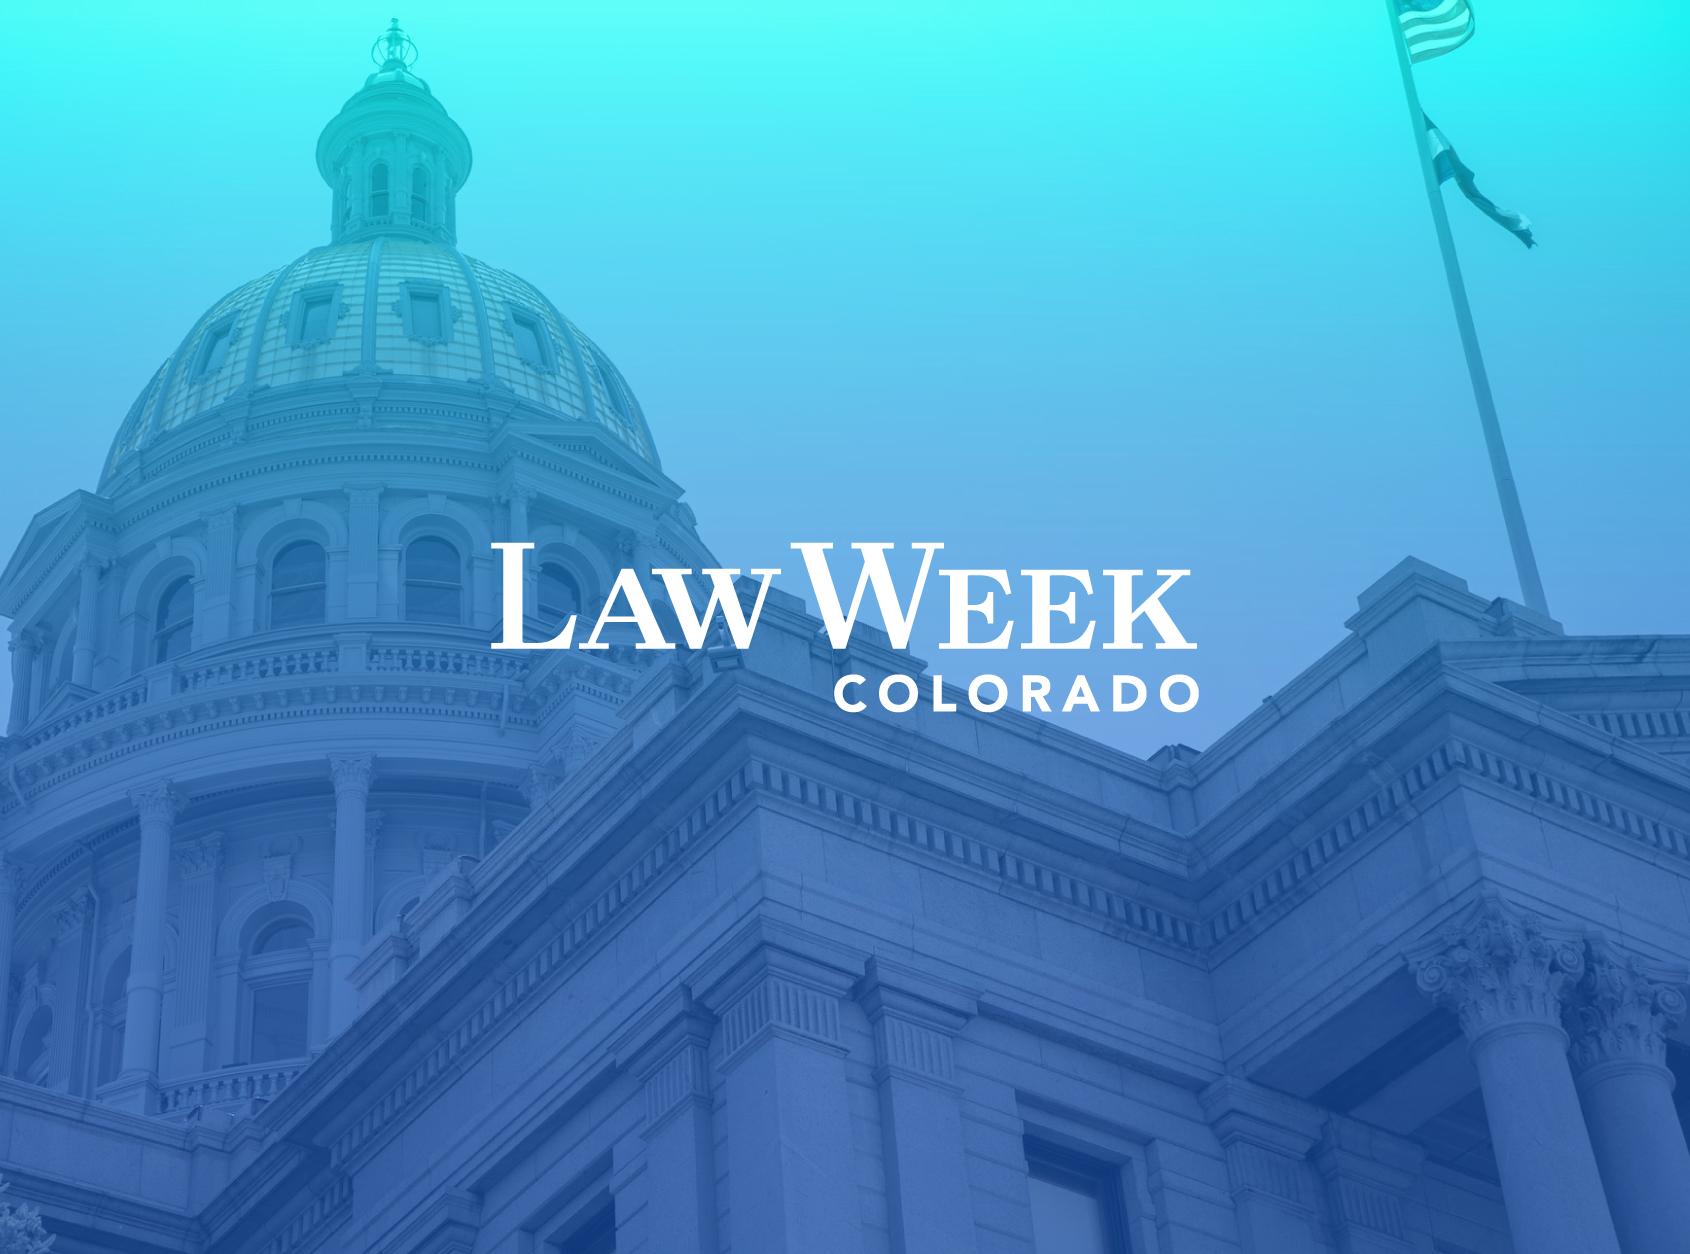 Law Week Colorado Campaign